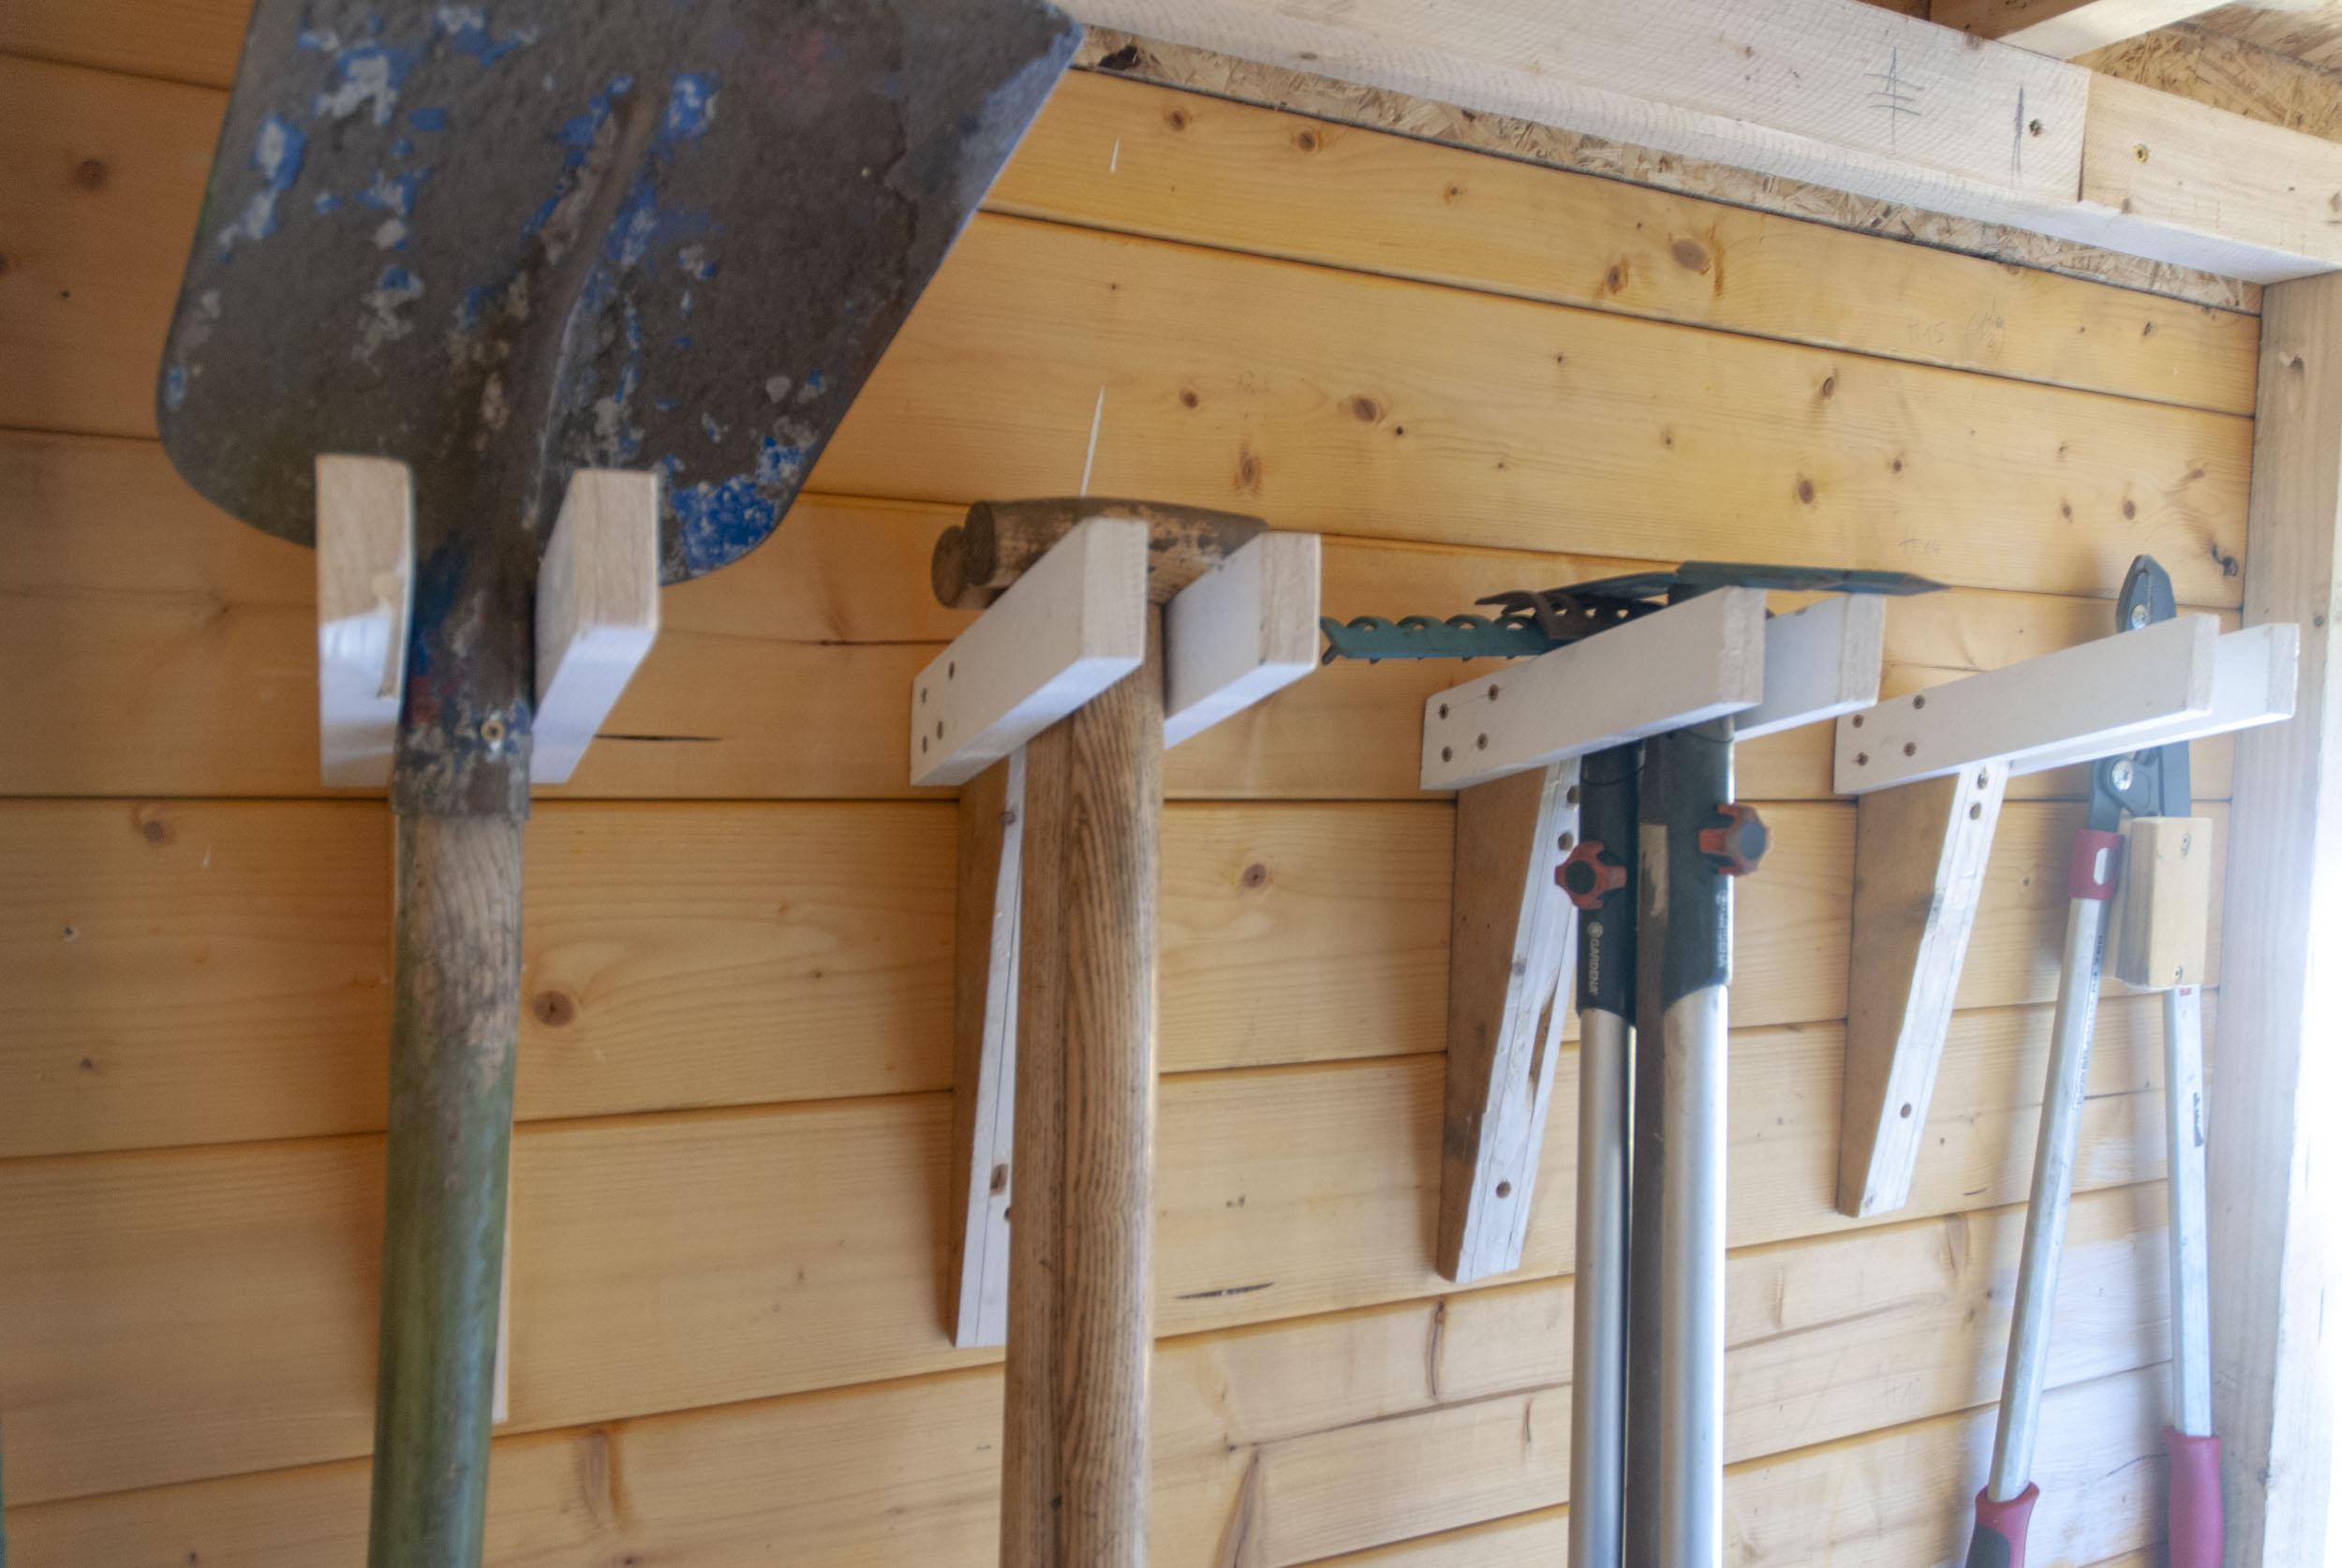 gartengeraetehalter-selber-bauen-fertige-halterung – ein stück arbeit